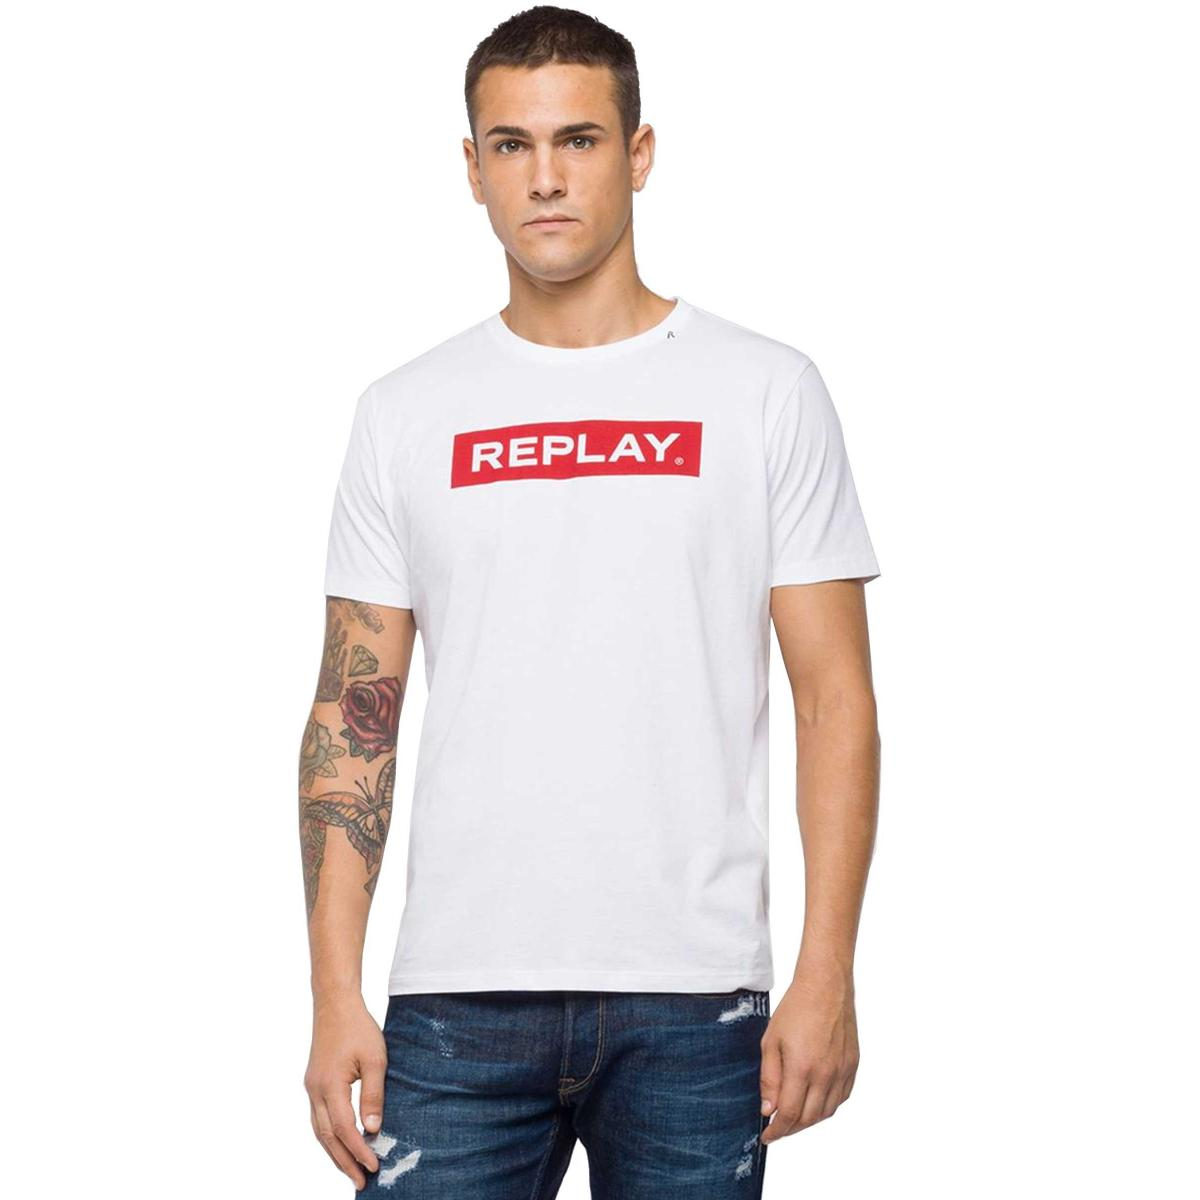 T-shirt Replay girocollo con stampa da uomo rif. M3720 .000.2660